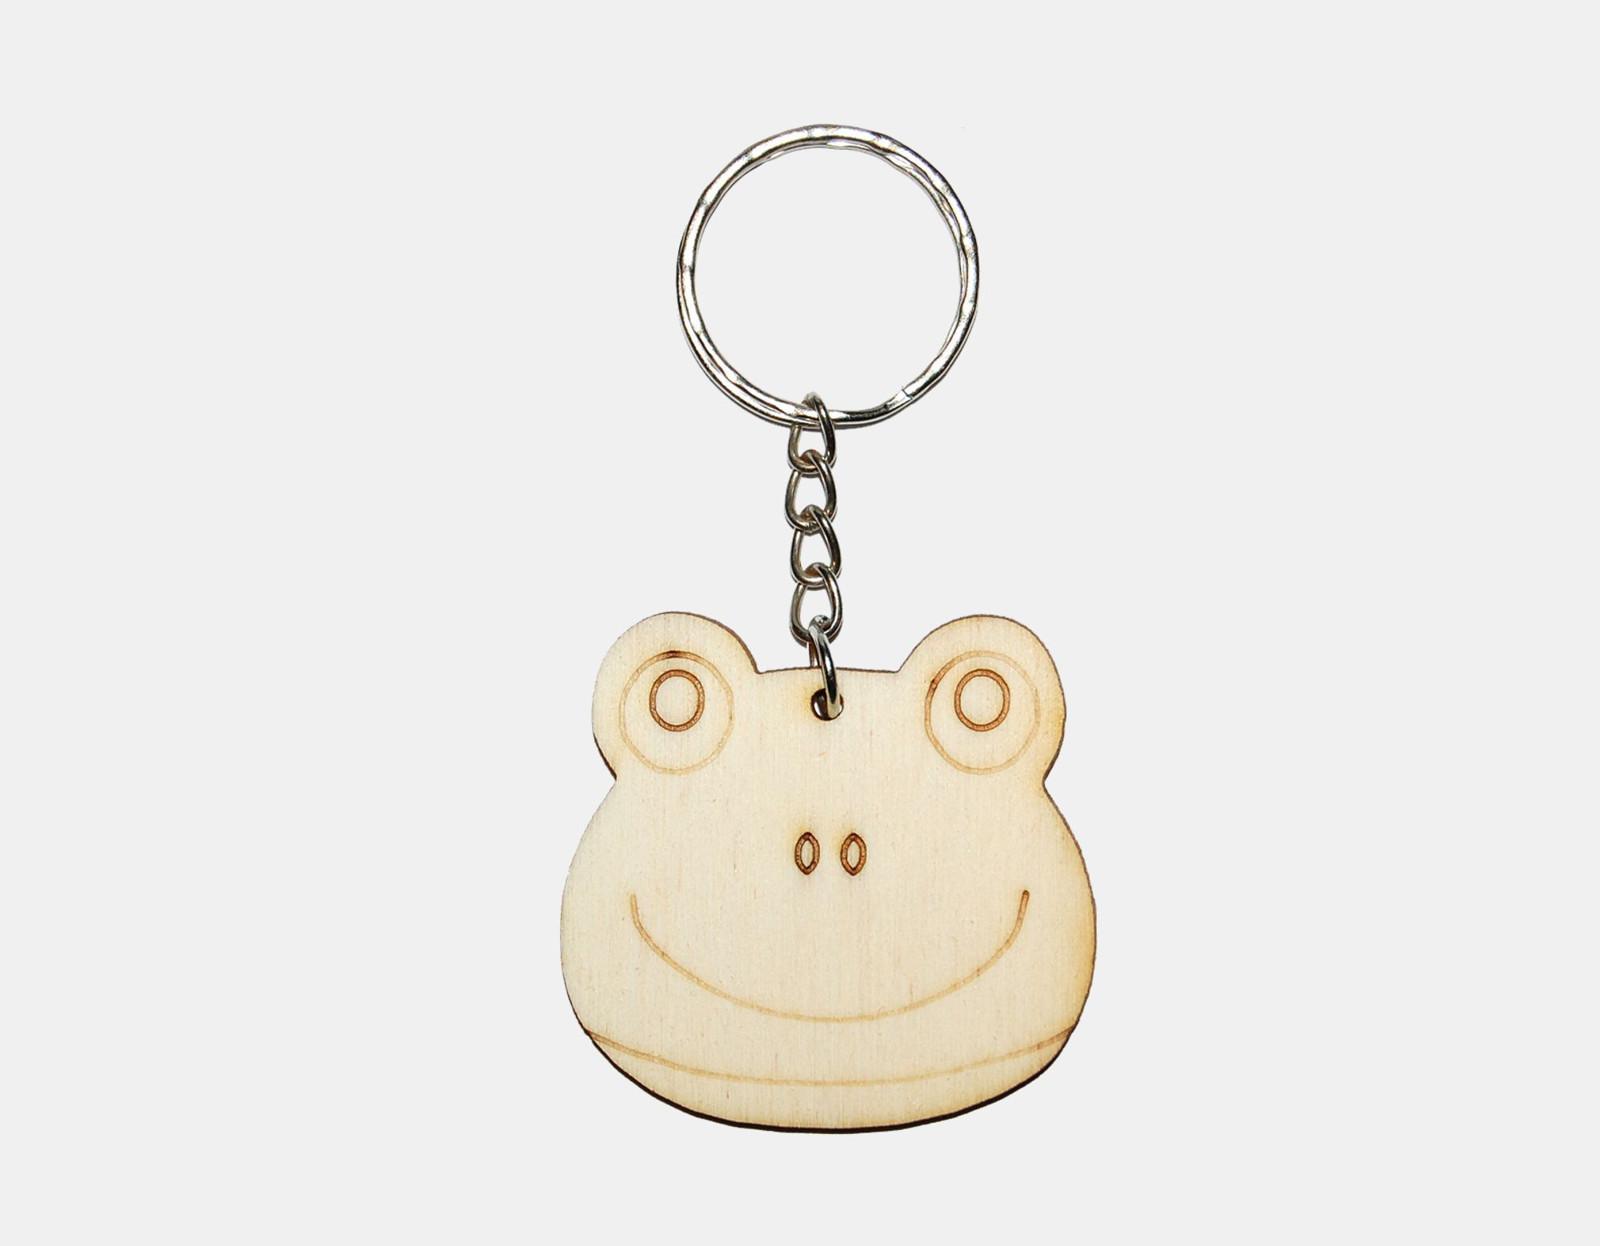 3c2679d82 Dřevěná žabka - přívešek na klíče / Zboží prodejce Ozdoby ze dřeva ...